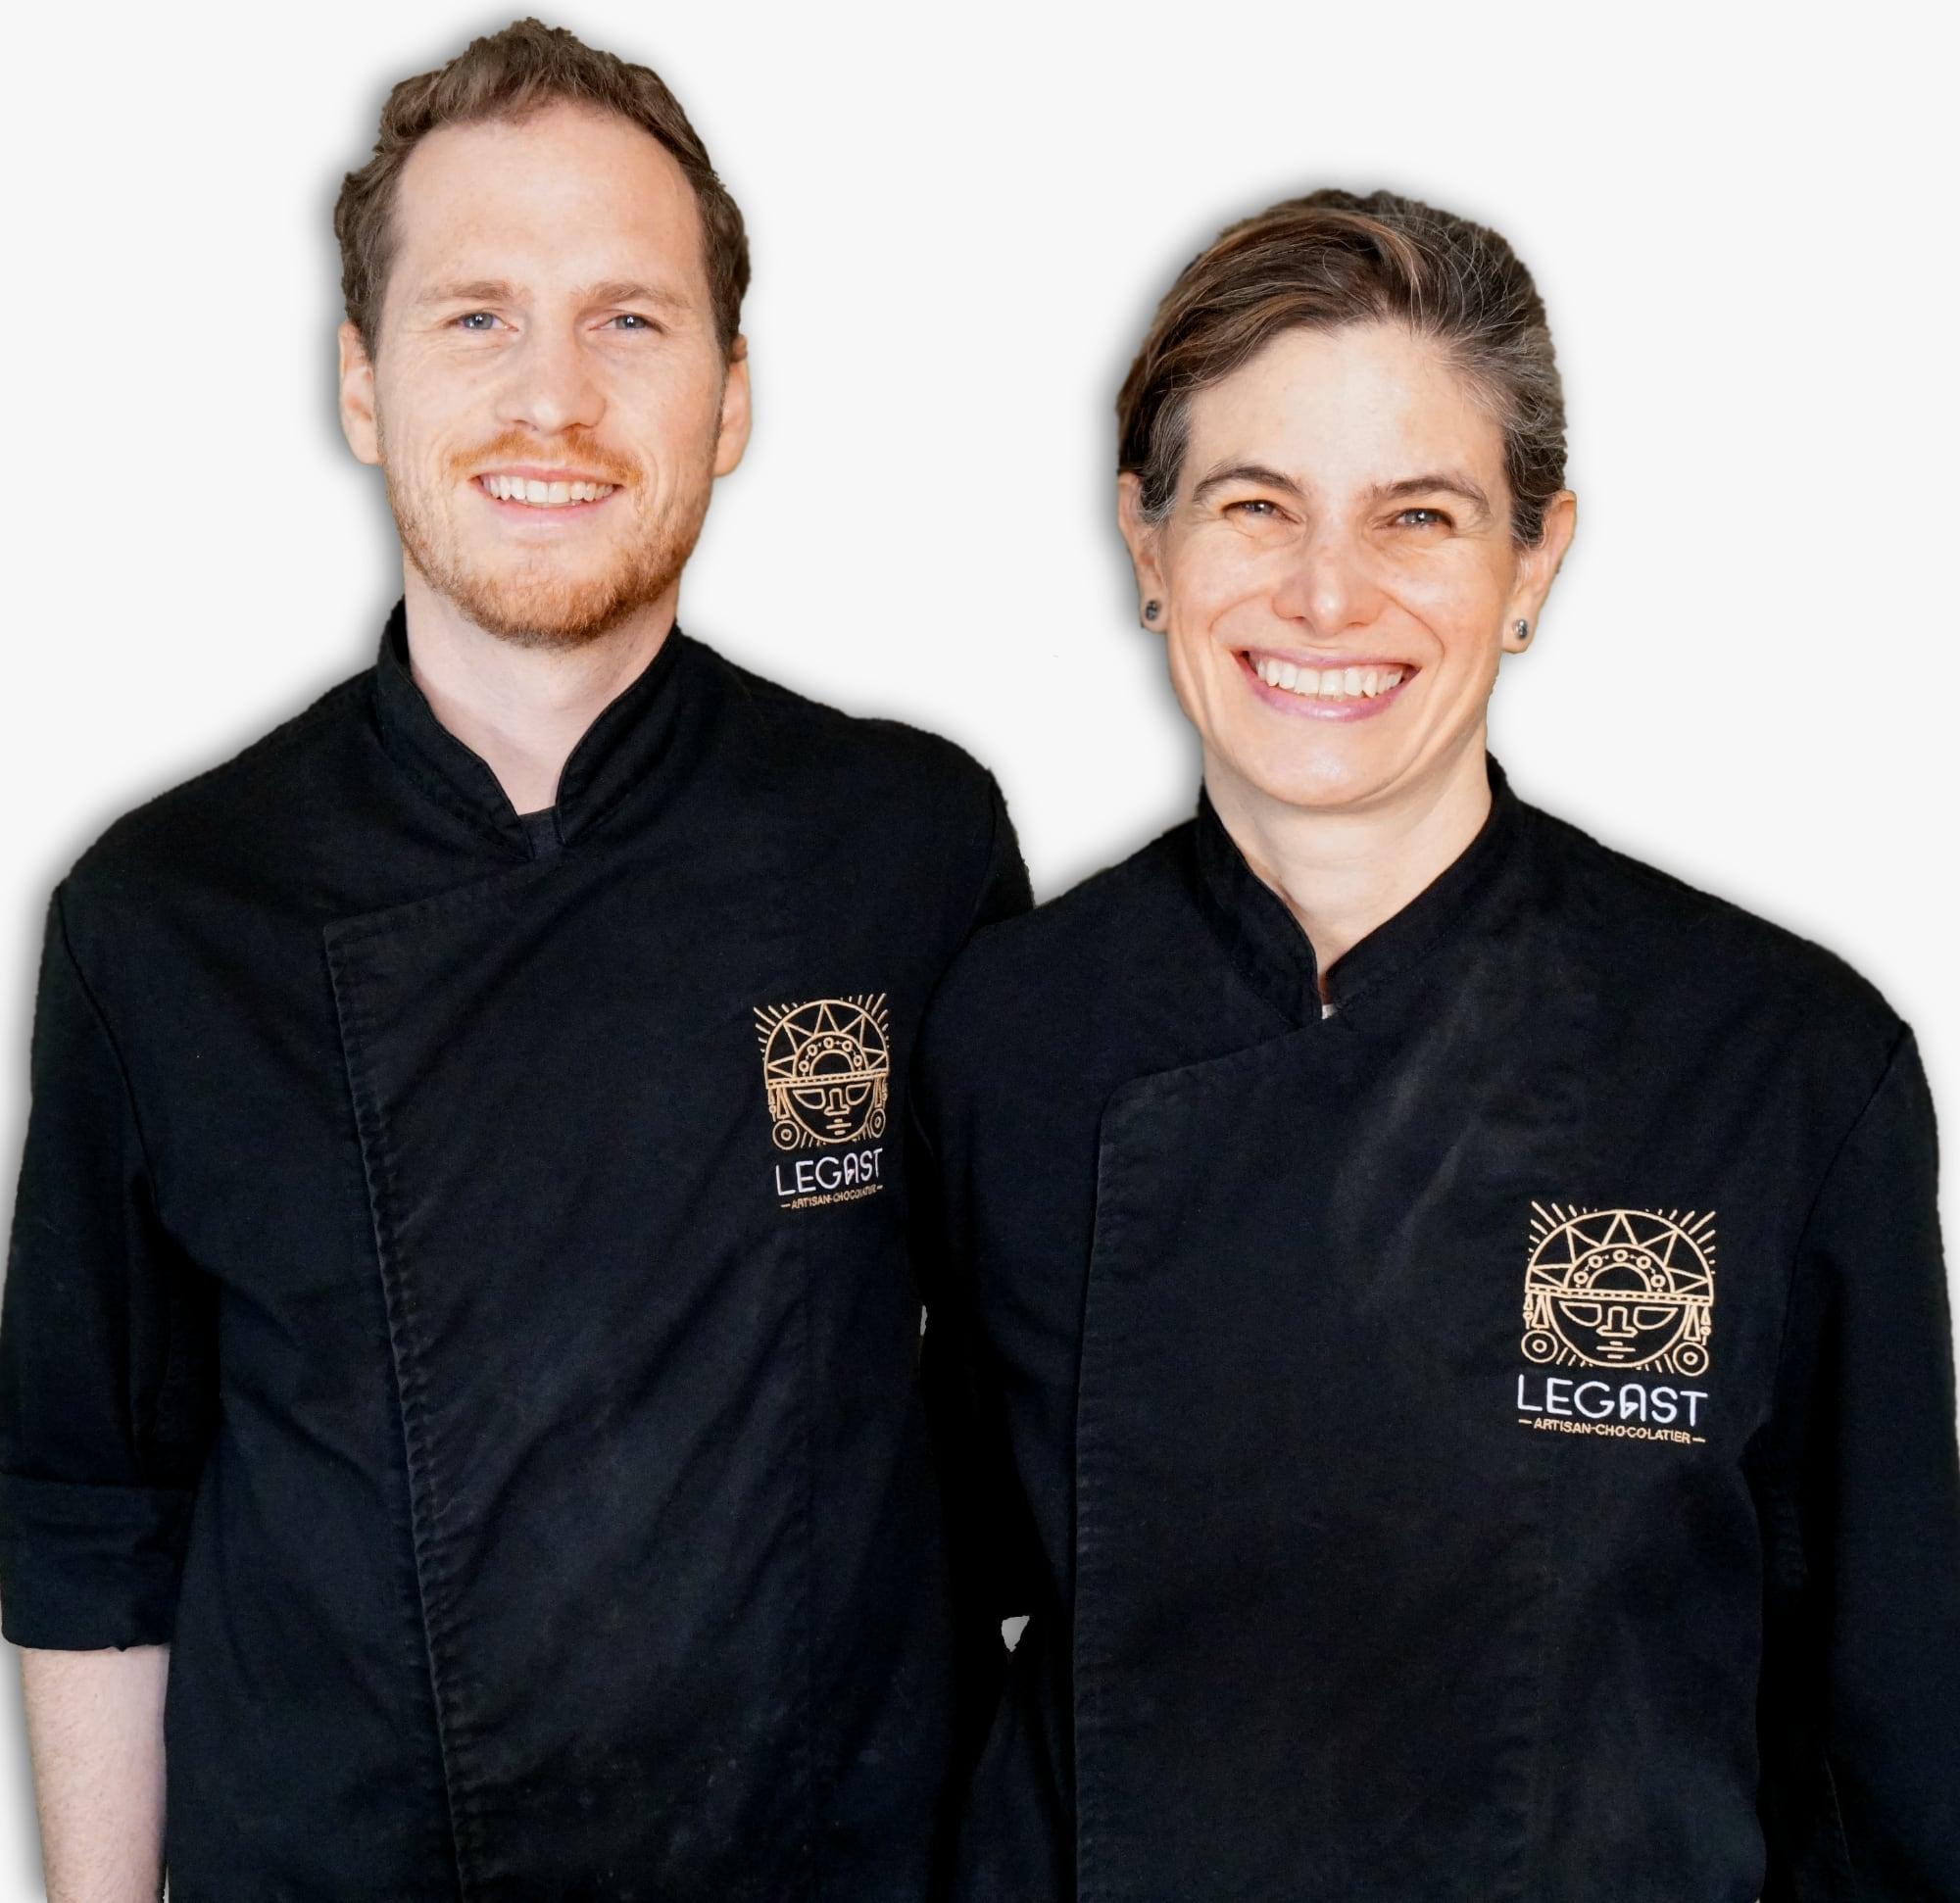 Thibaut Legast and Patricia